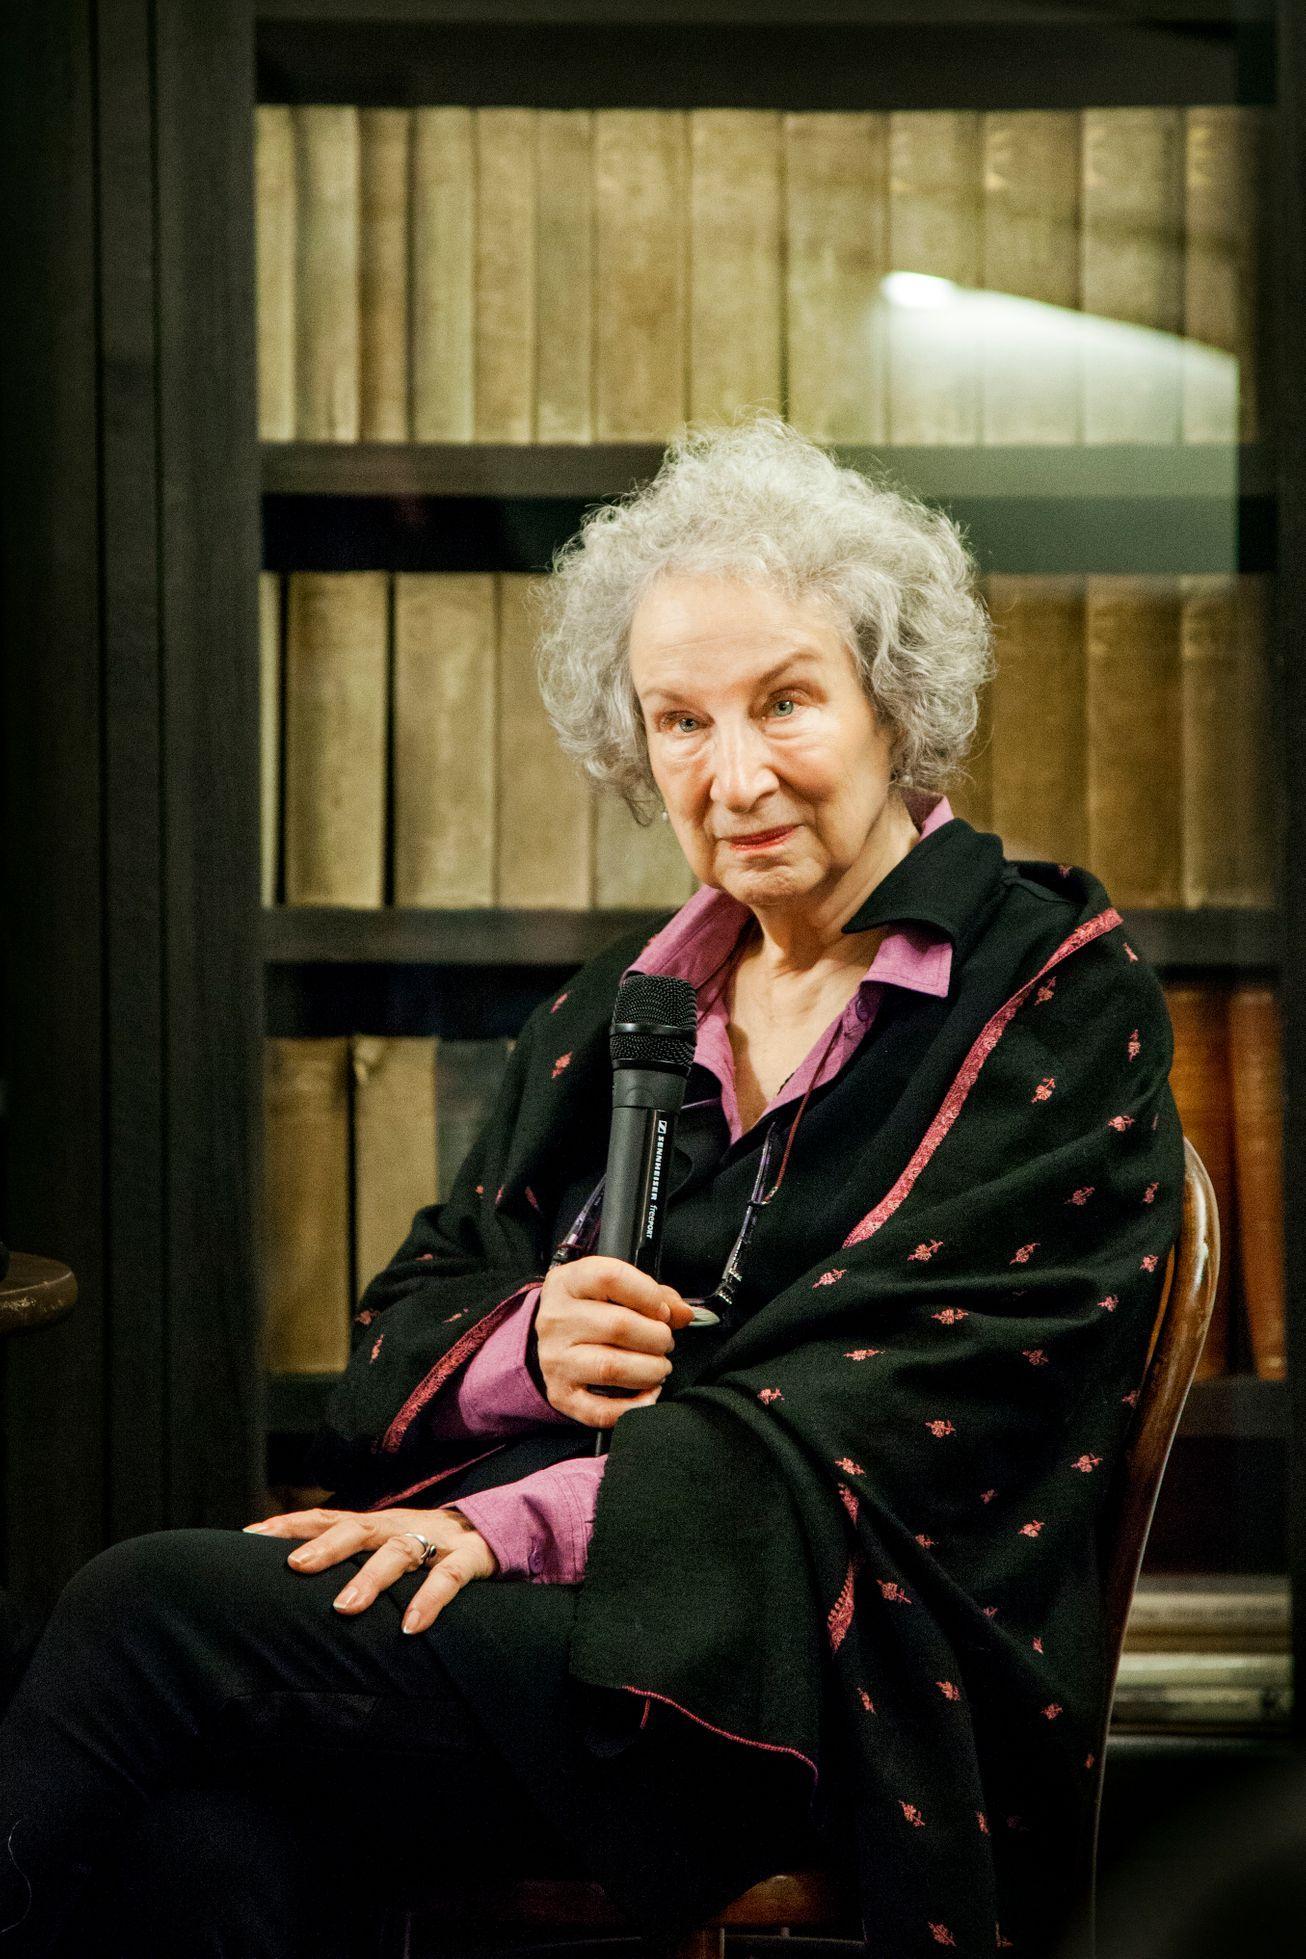 7eb45a943d35 Recenze románu Alias Grace spisovatelky Margaret Atwoodové - Aktuálně.cz